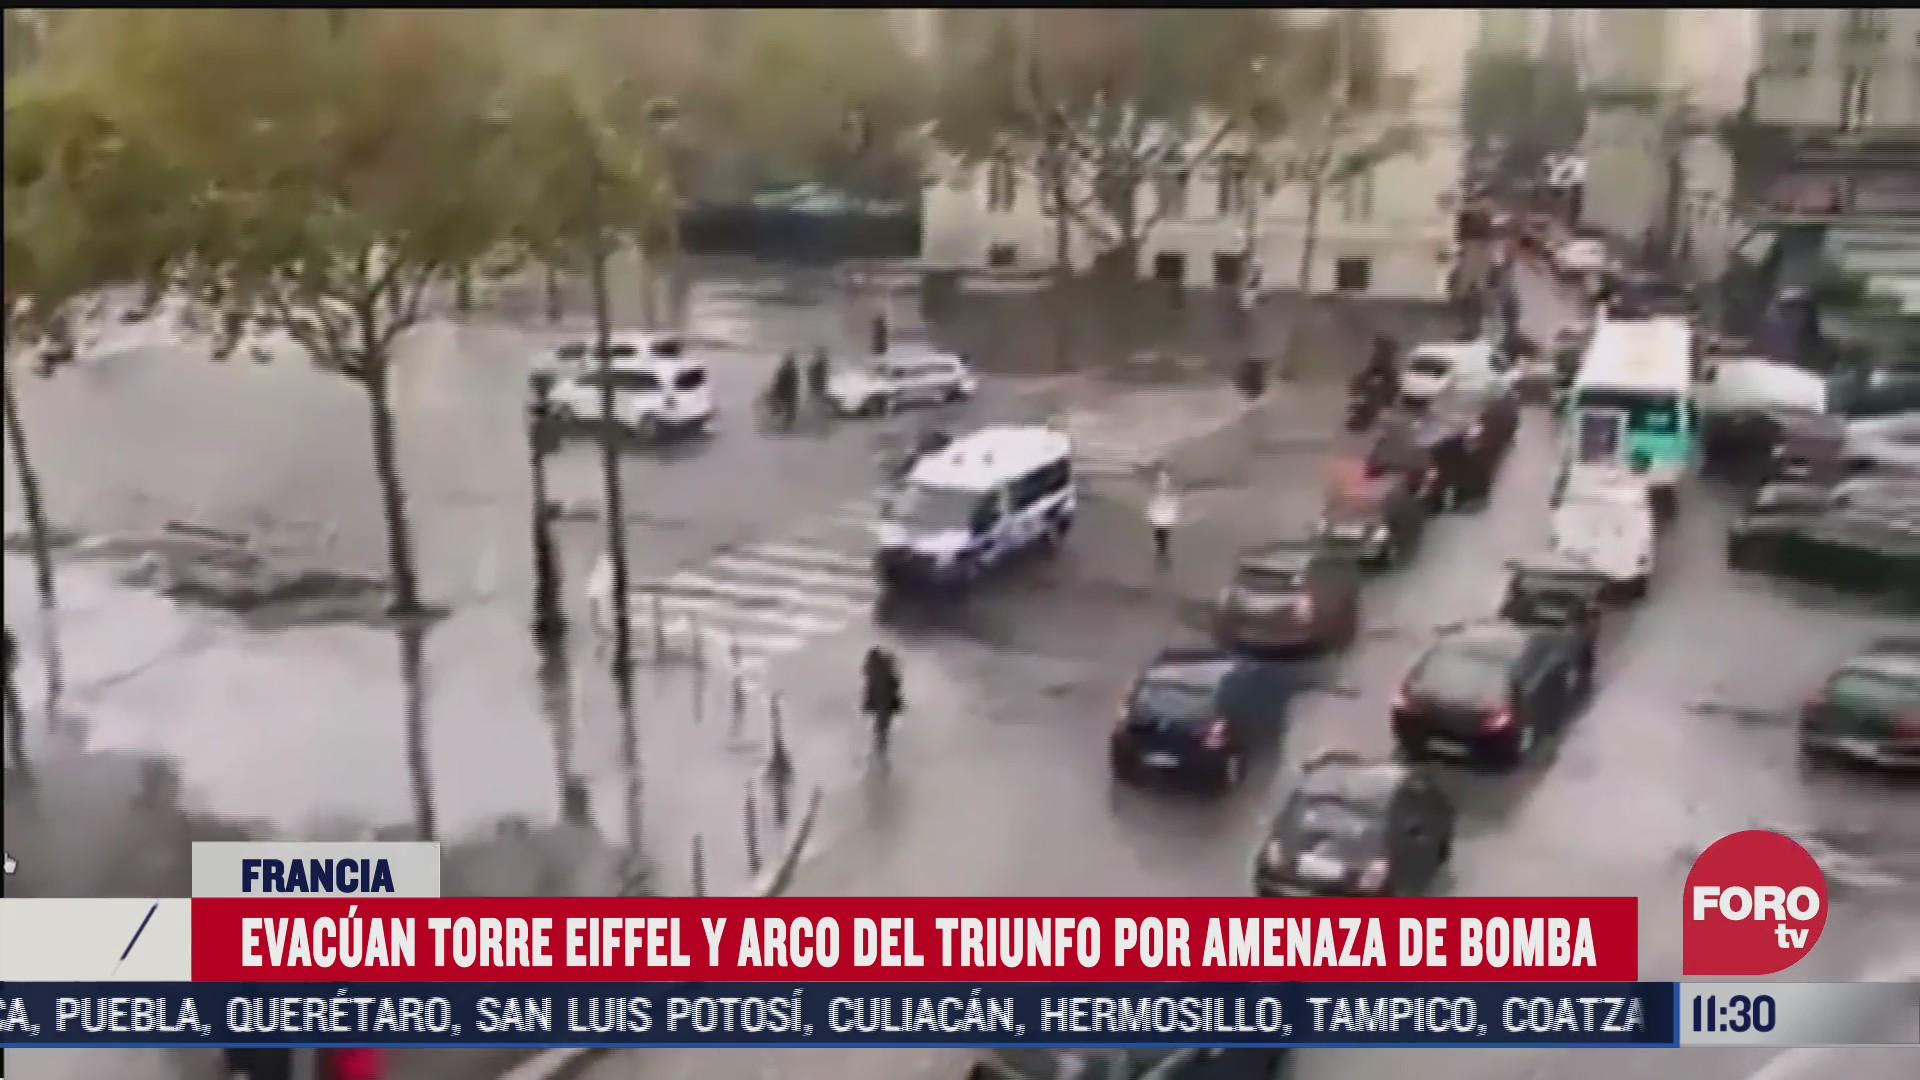 evacuan torre eiffel y arco del triunfo por amenaza de bomba